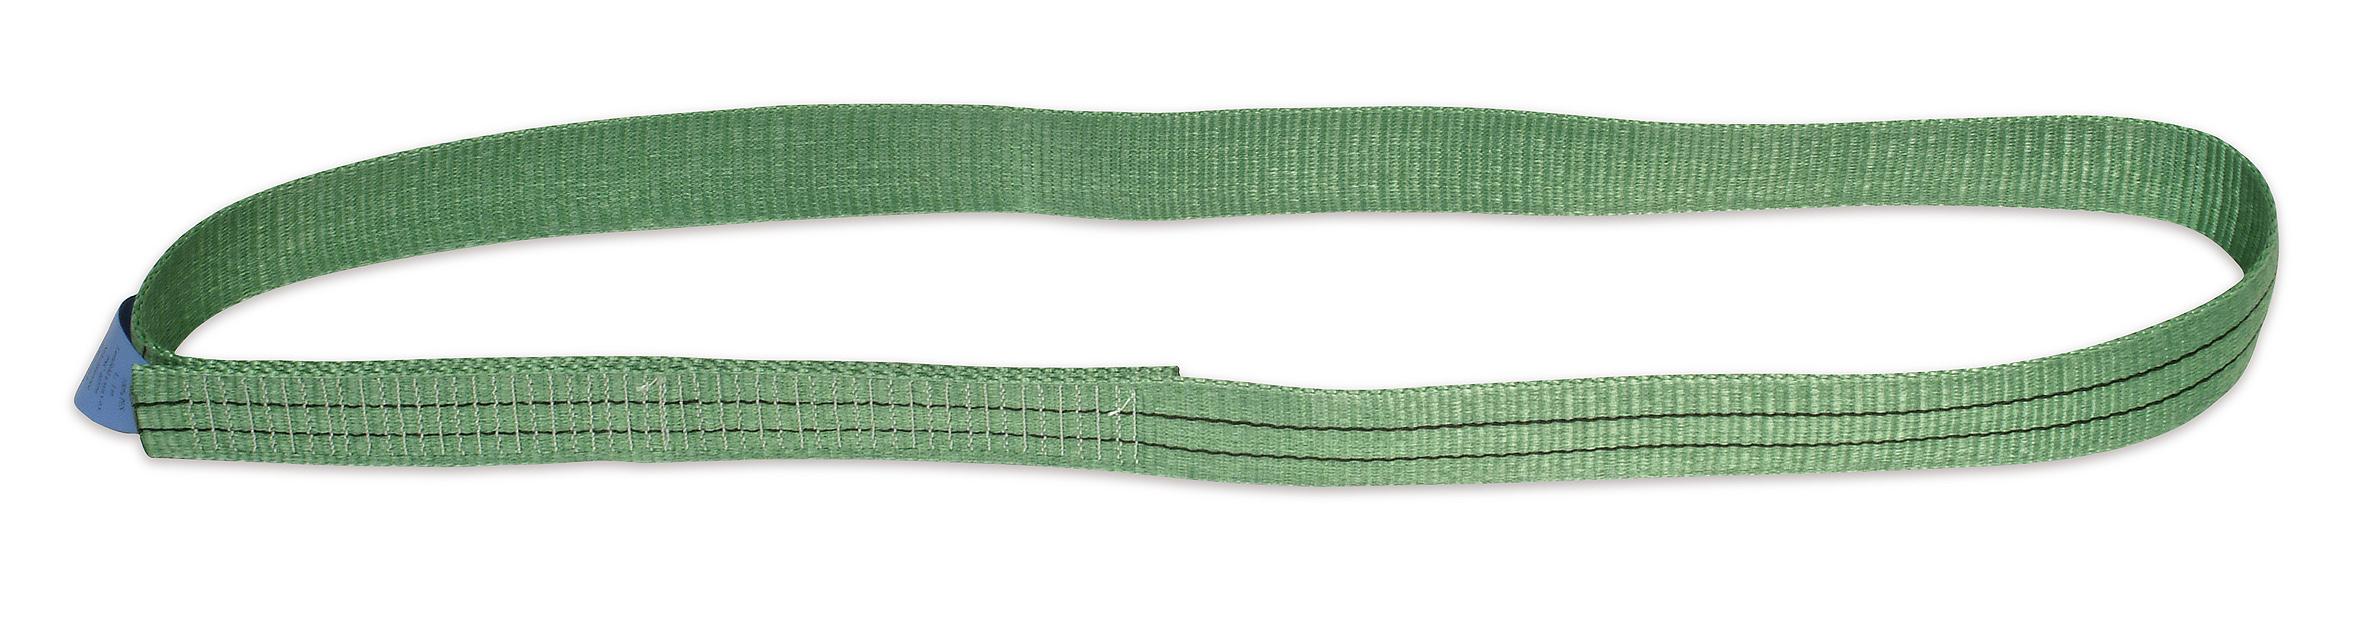 Jednovrstvý popruhový pás nekonečný, tkaný